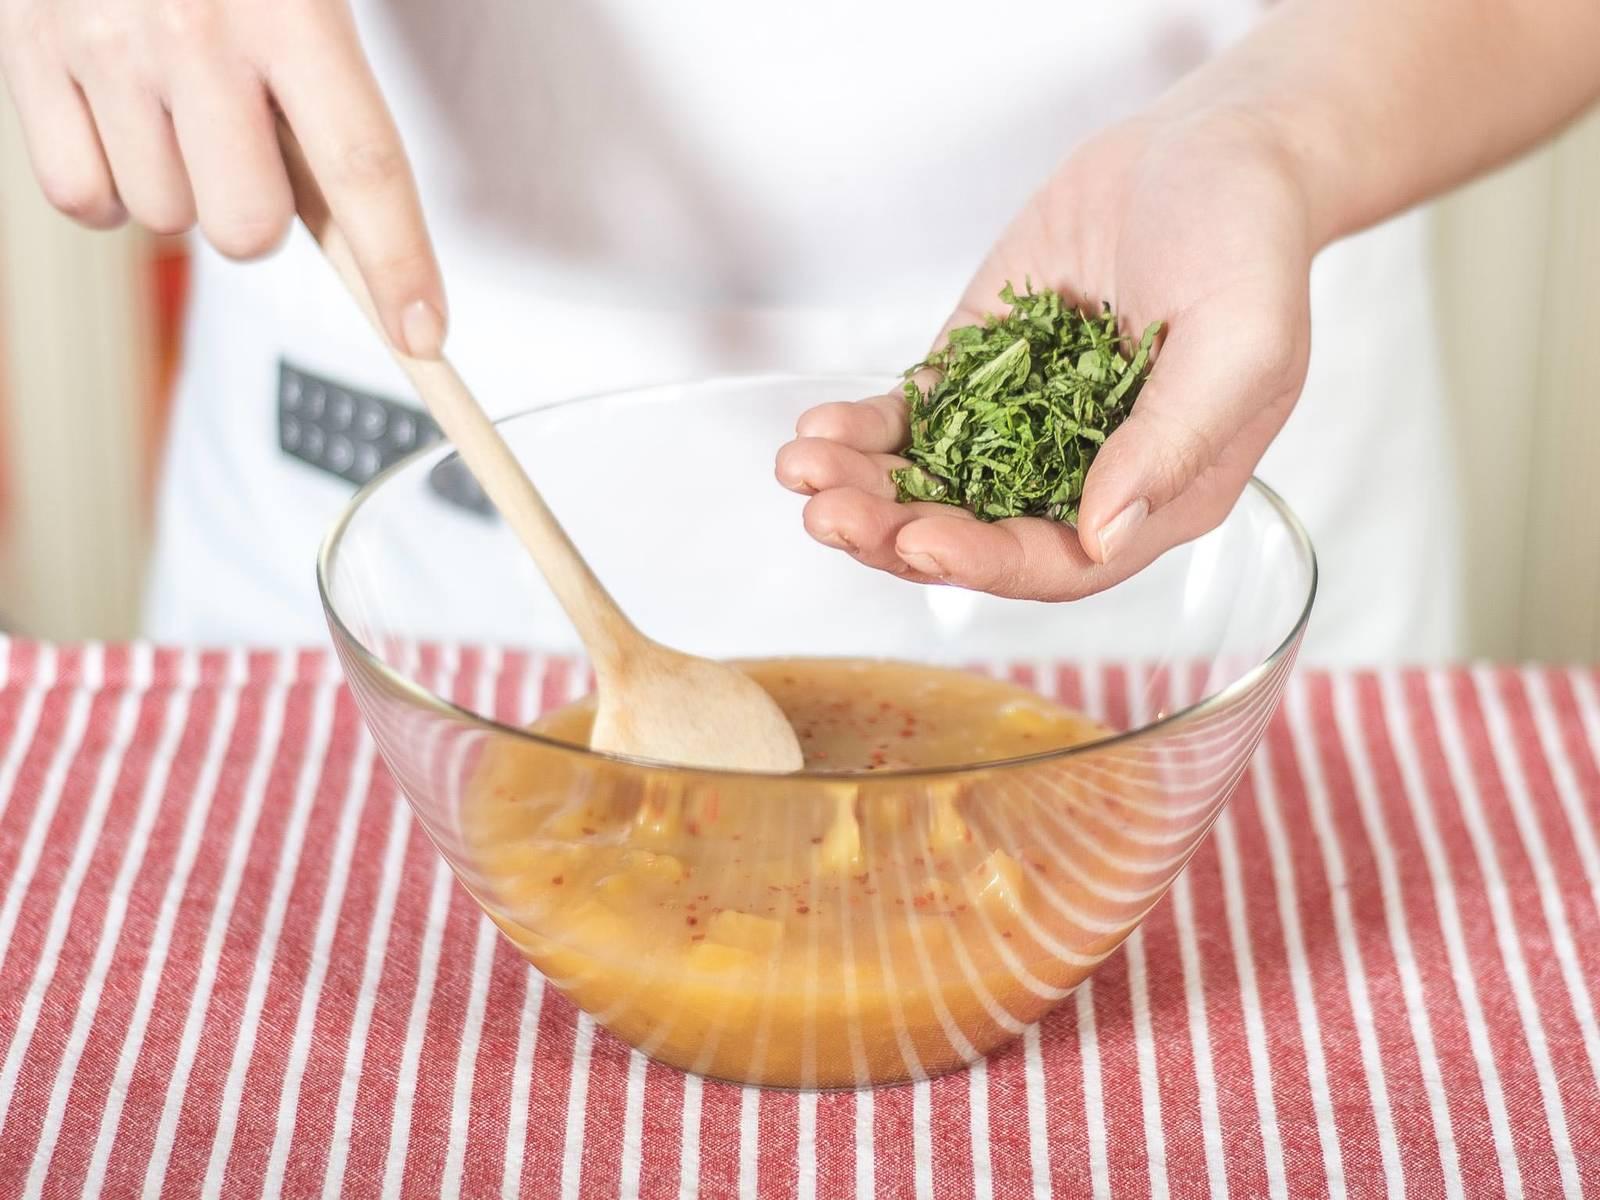 Vor dem Servieren Minze in feine Streifen schneiden und zur Kaltschale geben. Nach Wunsch mit Chilipulver abschmecken. Auf Serviergläser verteilen und nach Belieben mit frischen Minzblättern garnieren.